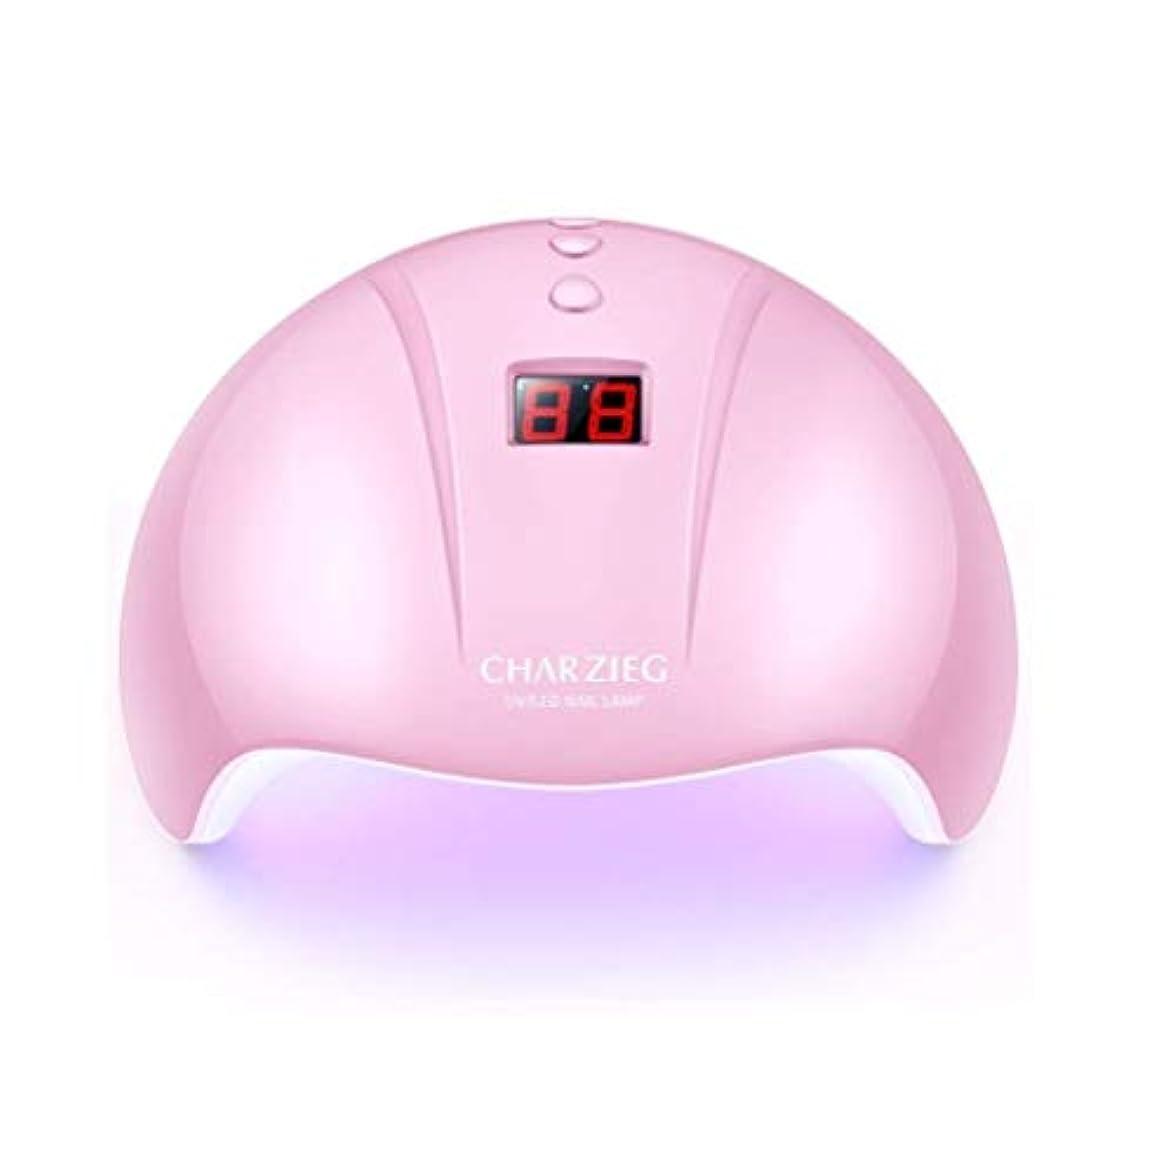 科学定期的にマイルHooAMI ネイルライト led ネイルドライヤー 硬化用uvライト ジェルネイル 36W LED 硬化 UVライト 高速硬化ジェルネイルライト赤外線検知 手&足両用 自動センサー 3段階タイマー付きUSB式 (ピンク2)